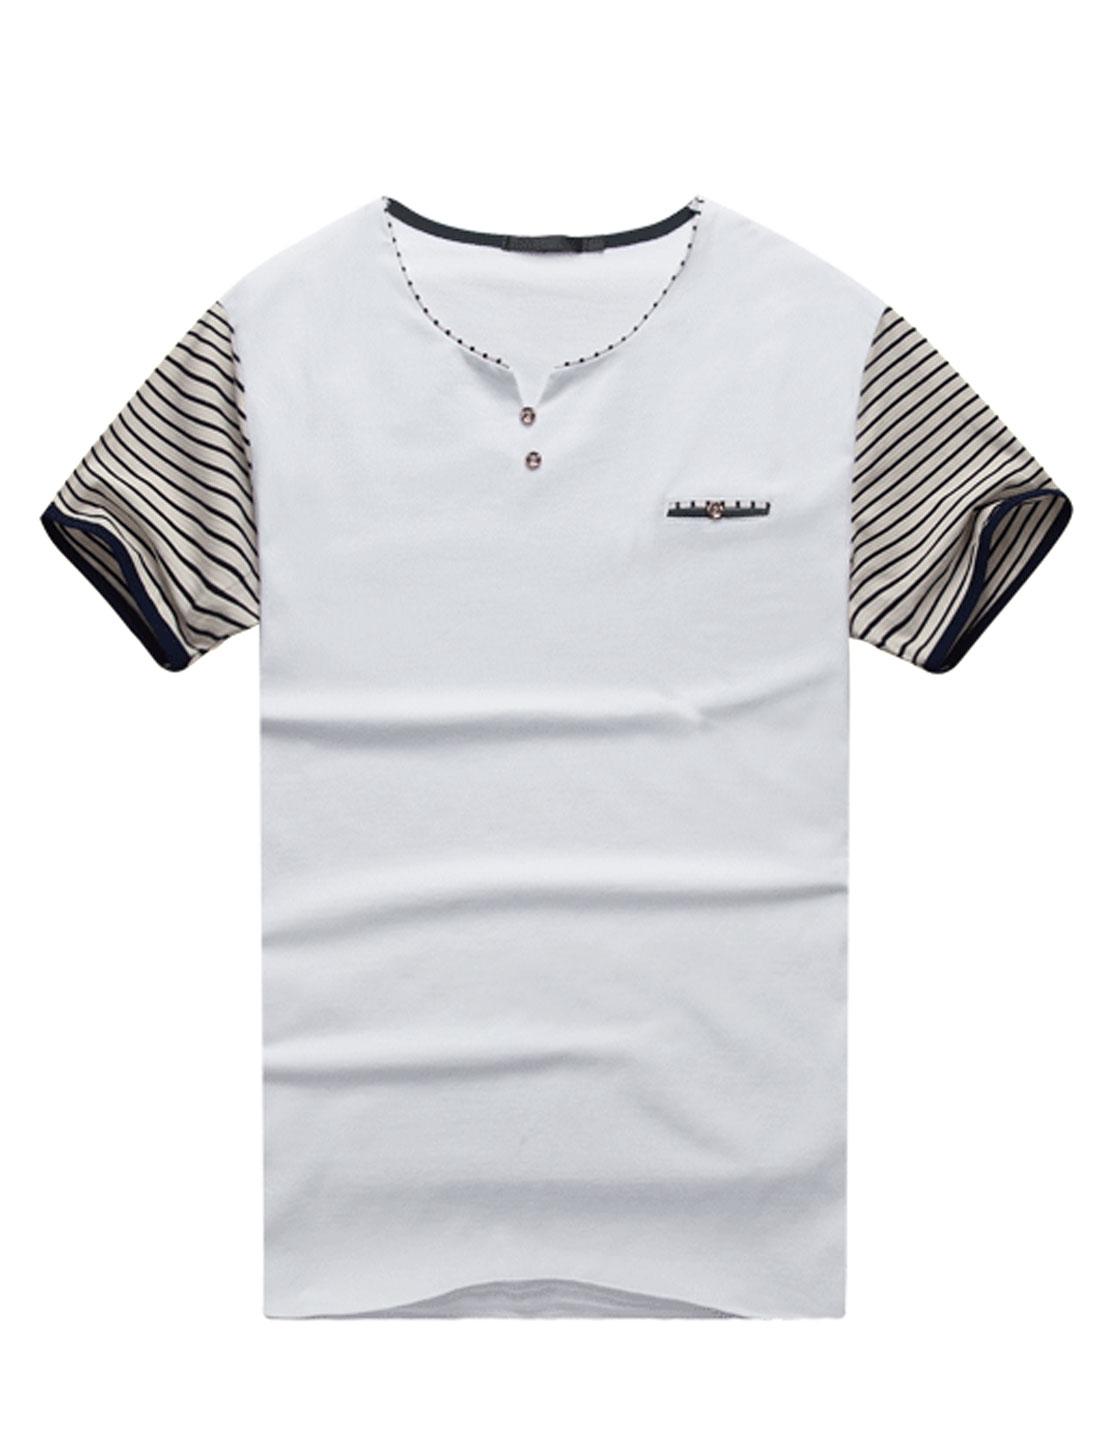 Men Stripes Split Neck Short Sleeves Casual Tee Shirt White M